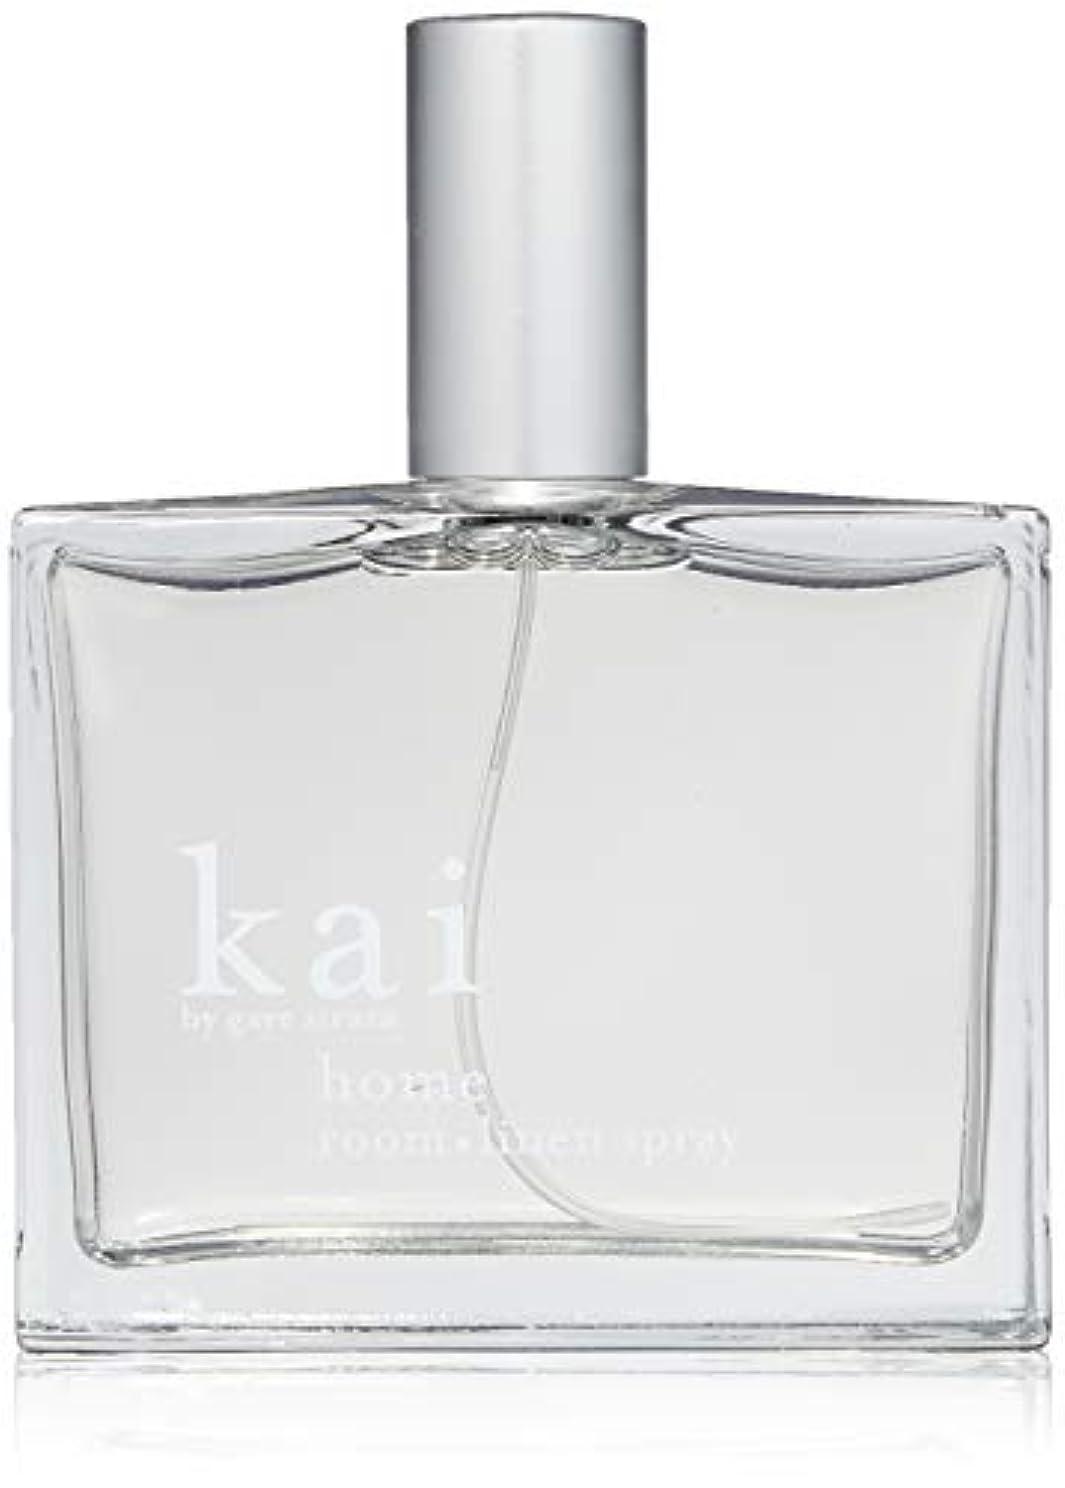 プーノ韻カイウスkai fragrance(カイ フレグランス) ルームリネンスプレー 100ml